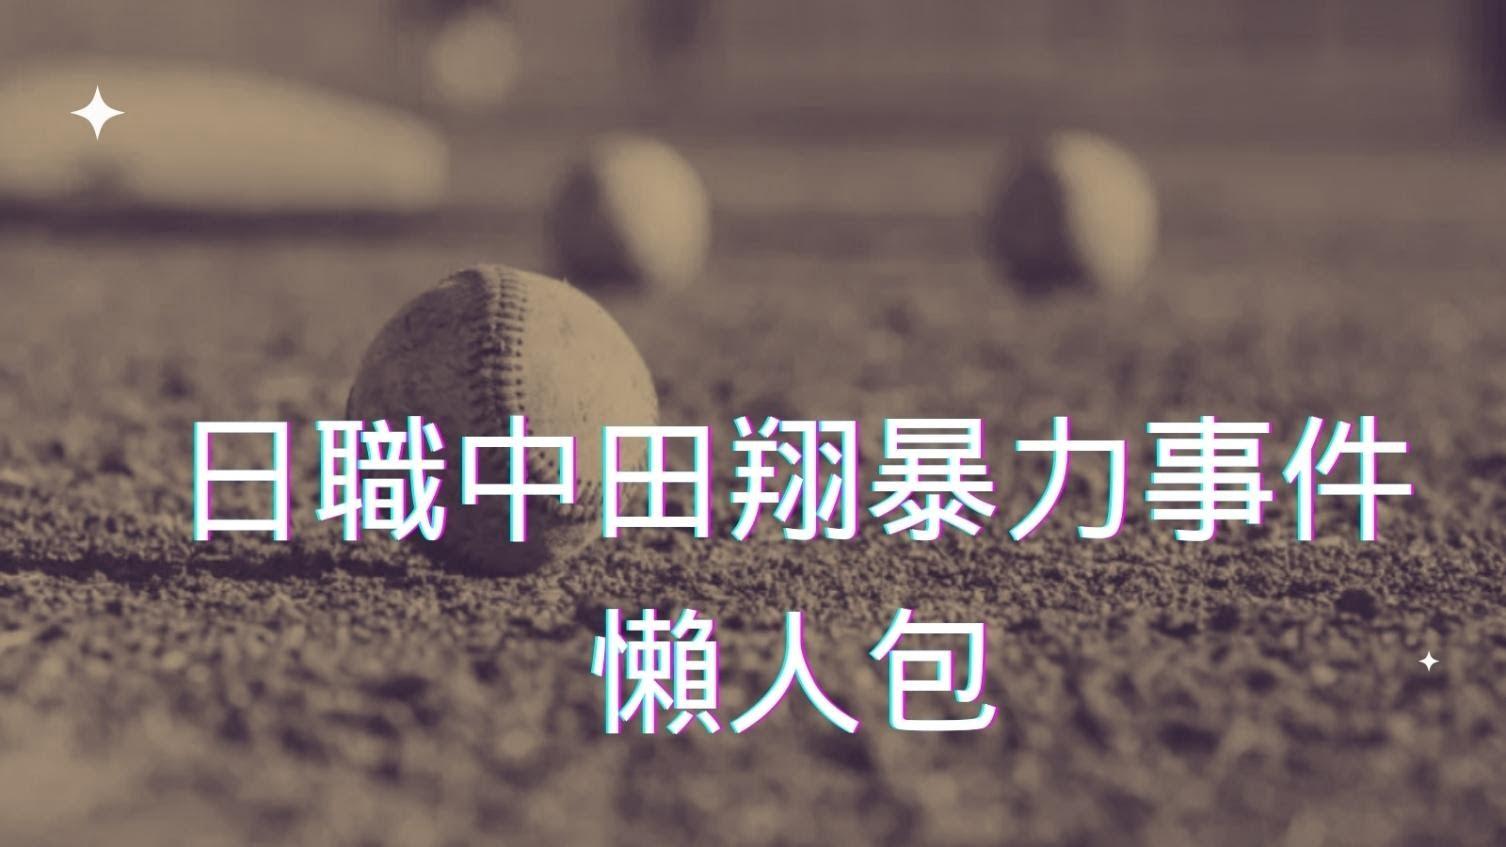 日職球隊有不可告人潛規則?中田翔暴力事件背後真相是…….